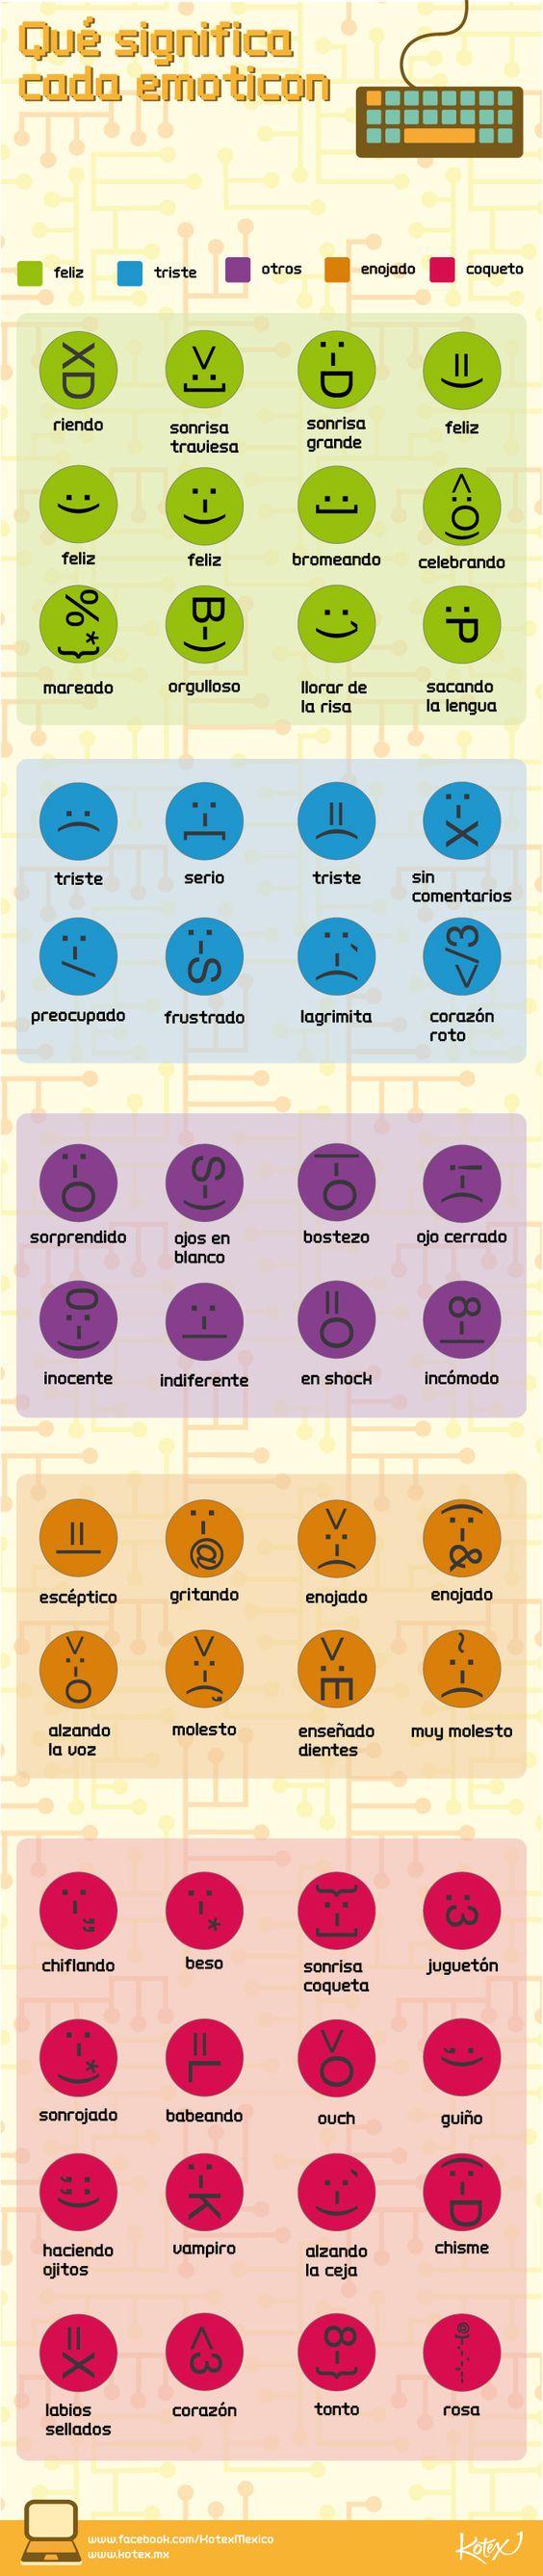 Los emoticones sabes qu significa cada uno de ellos for Que significa cocina de autor